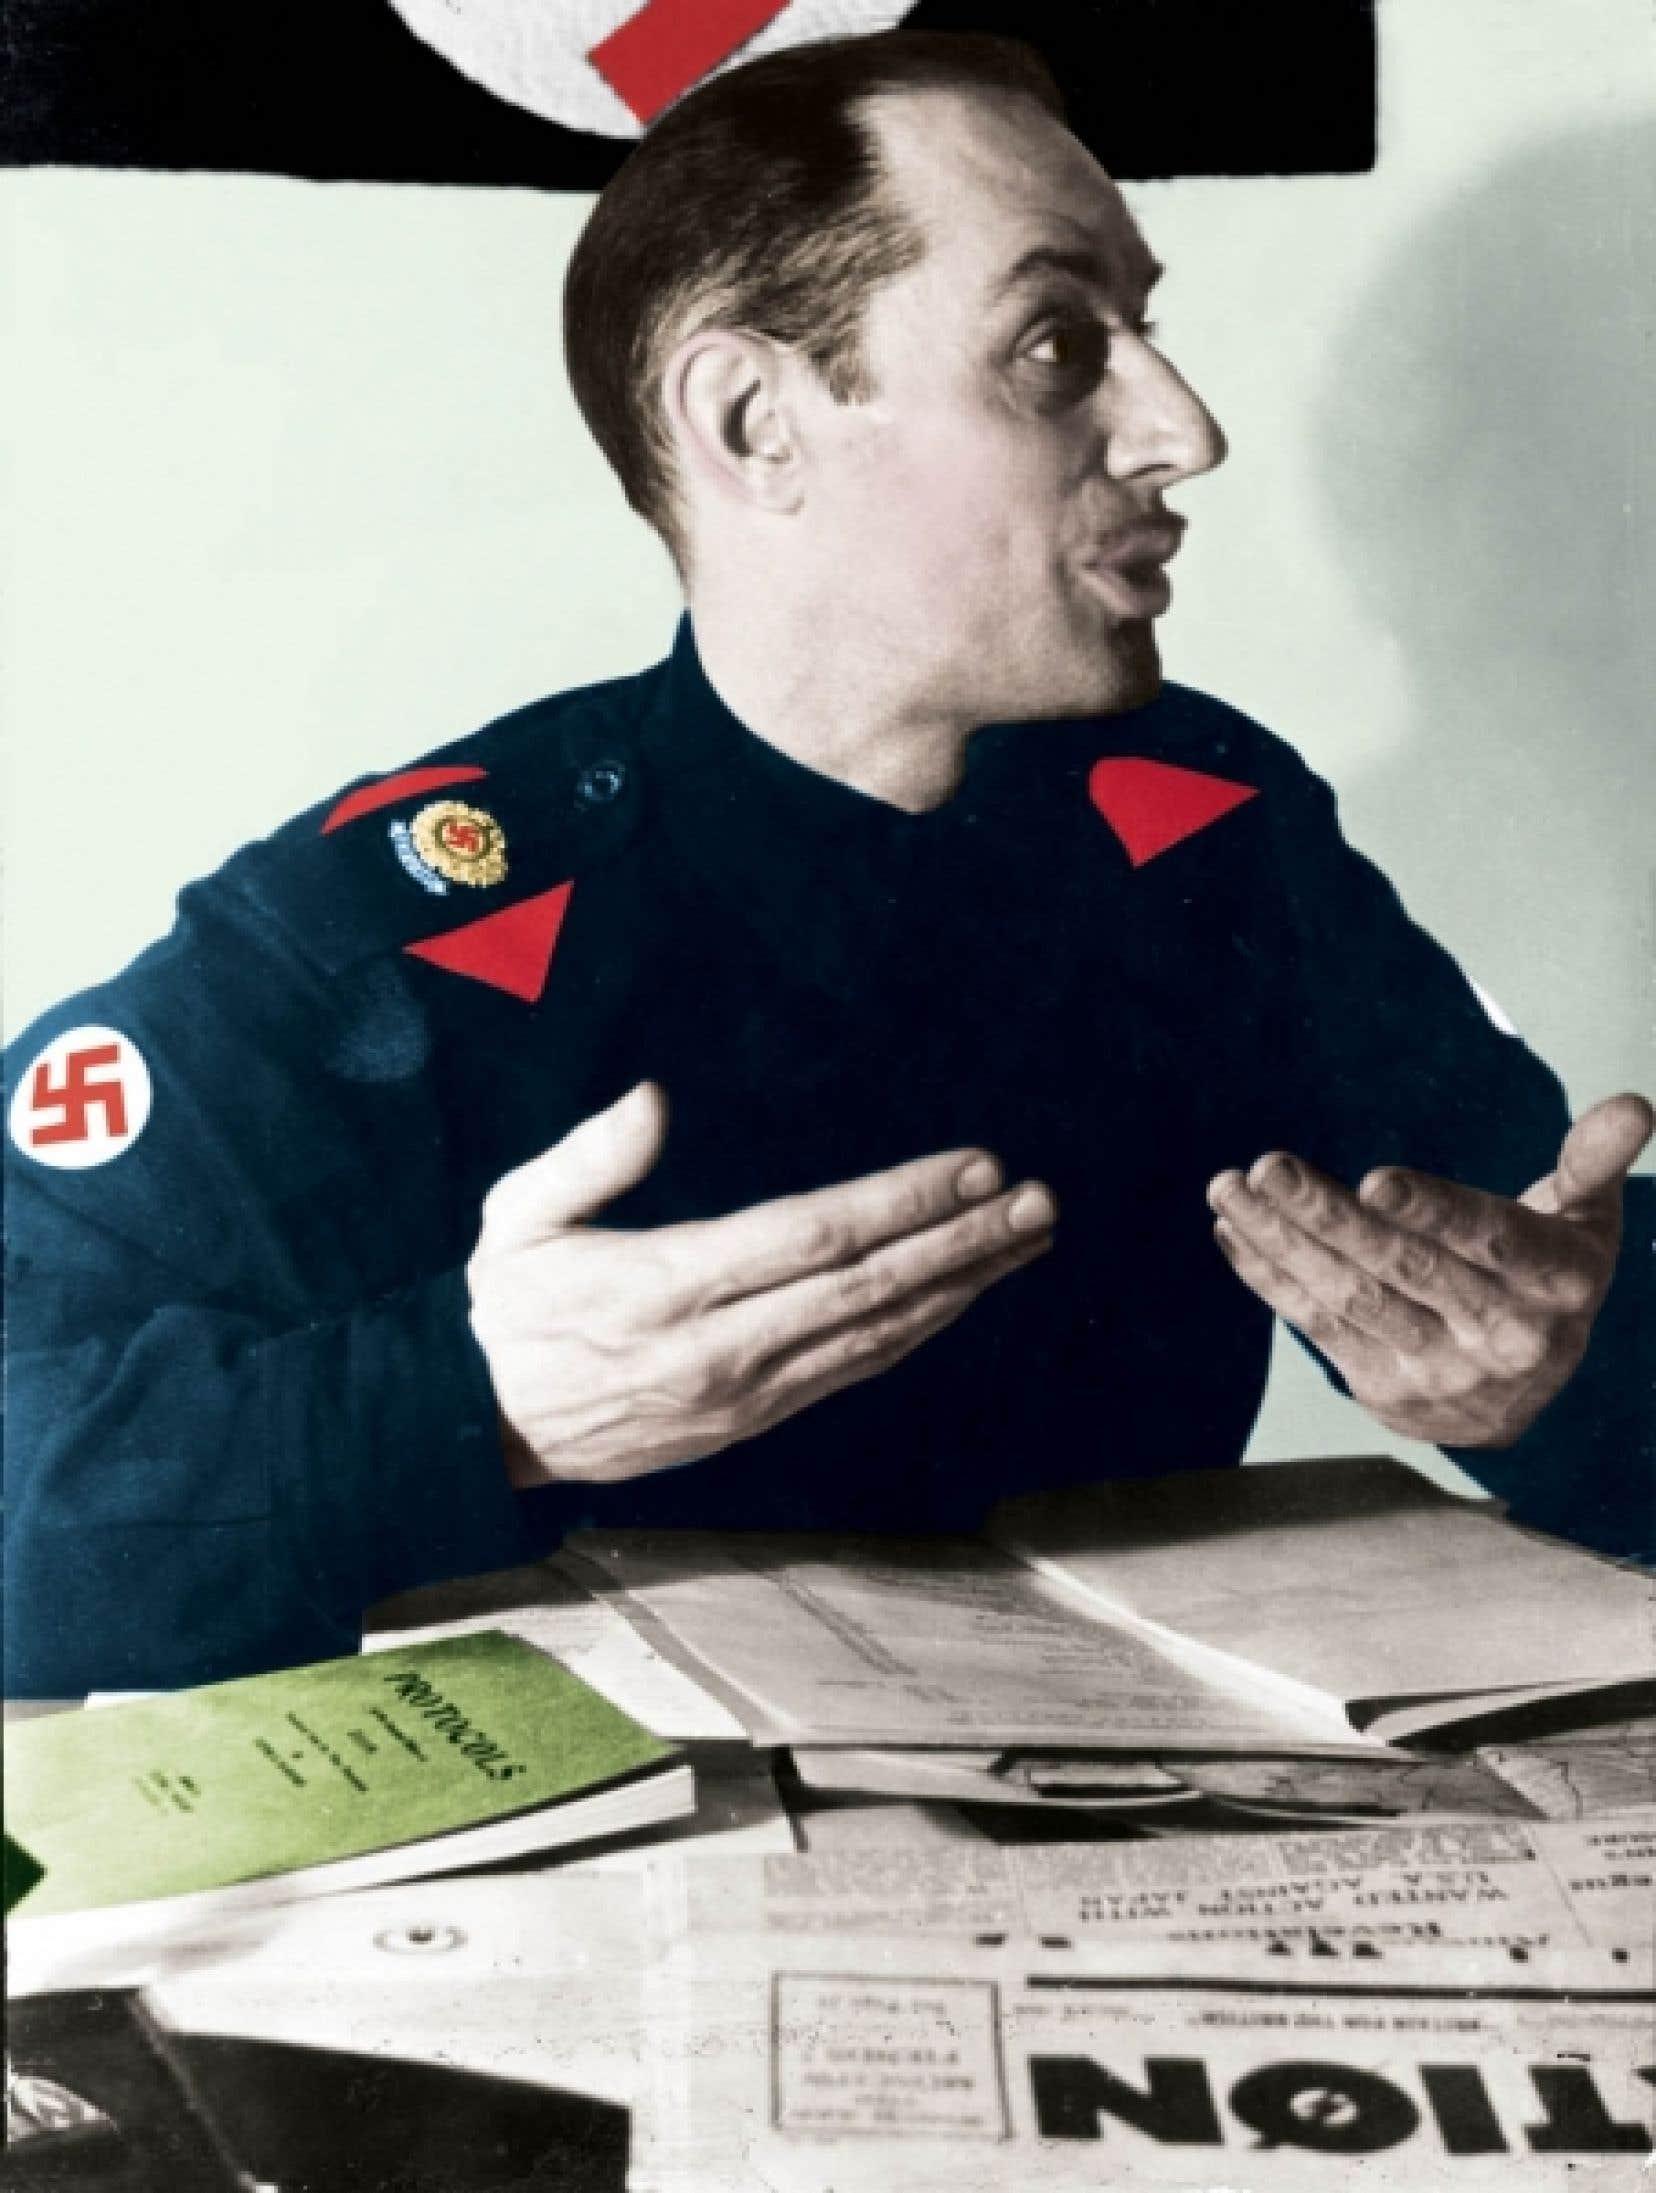 Adrien Arcand dans son uniforme de chef du Parti national social chrétien, à l'époque où il était aussi rédacteur en chef du quotidien montréalais L'Illustration nouvelle.